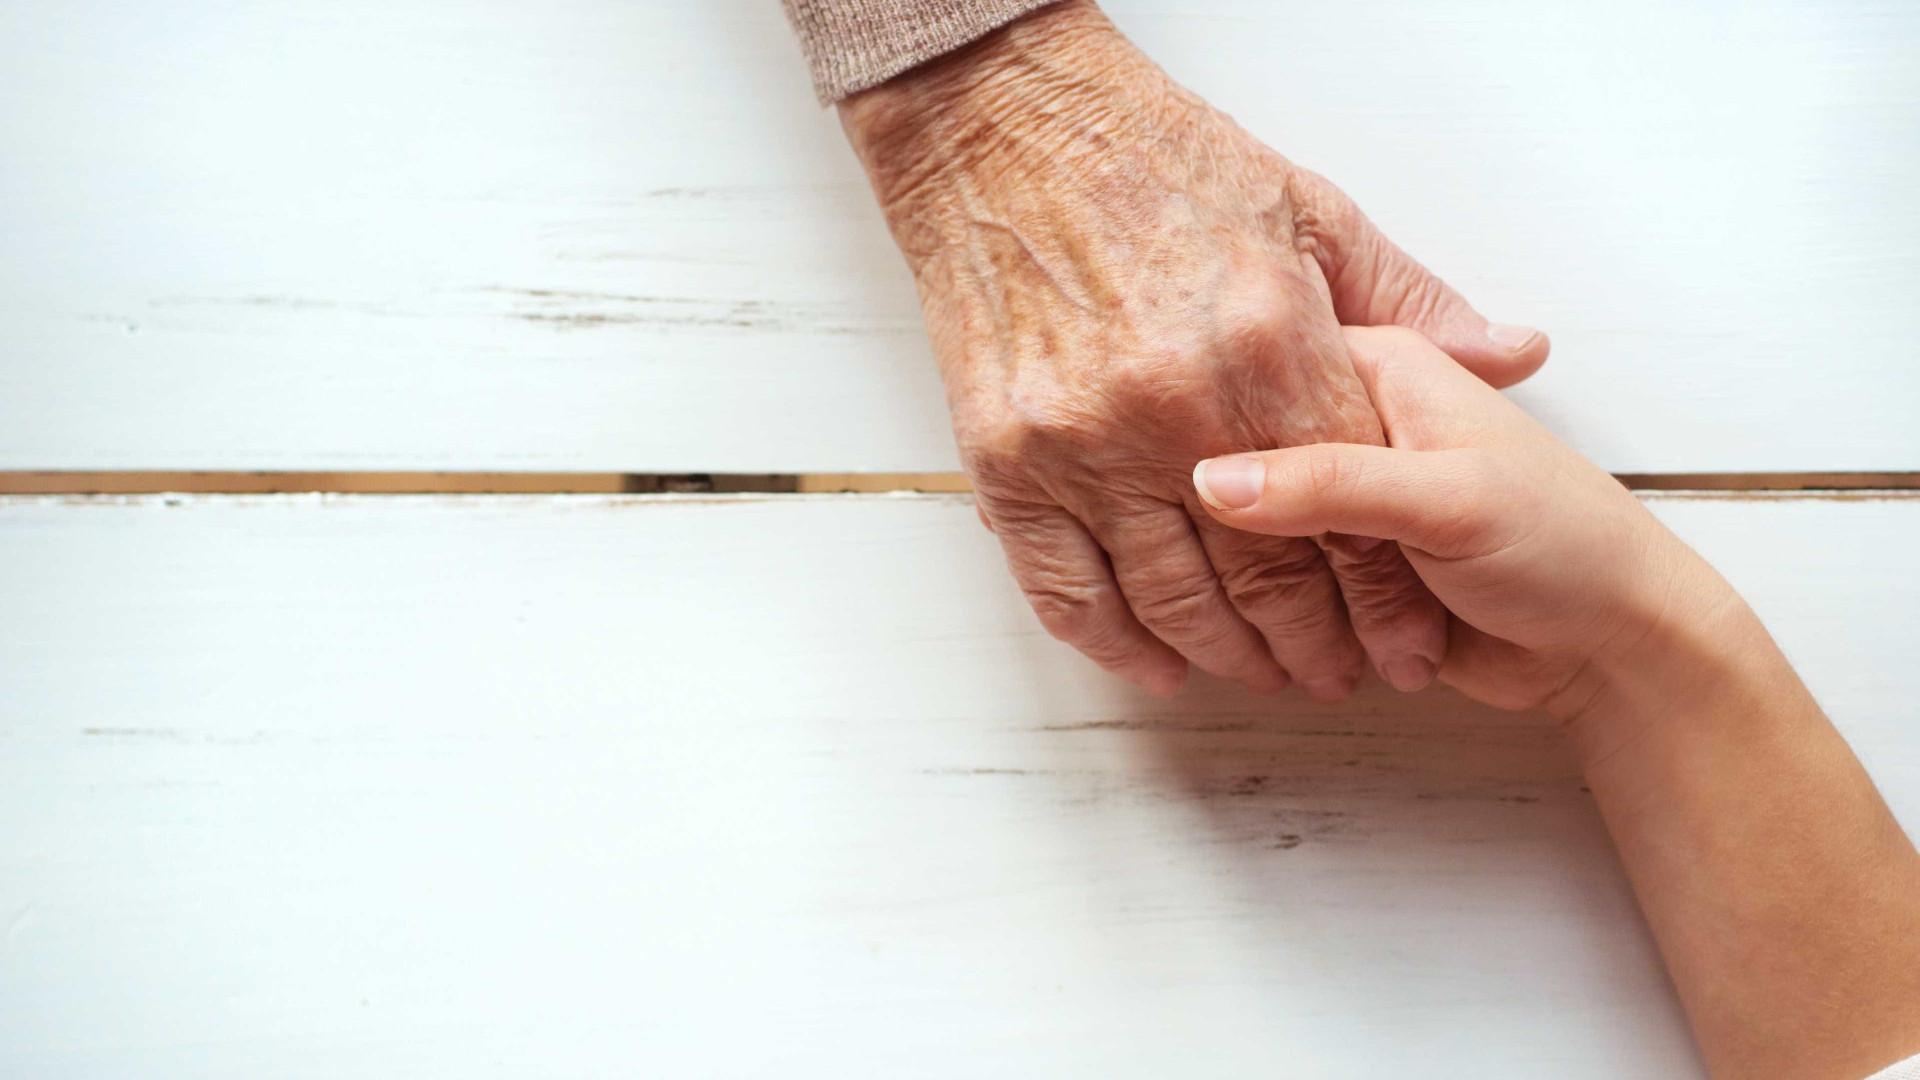 Doença rara que leva à paralisia dos músculos está a afetar mais idosos